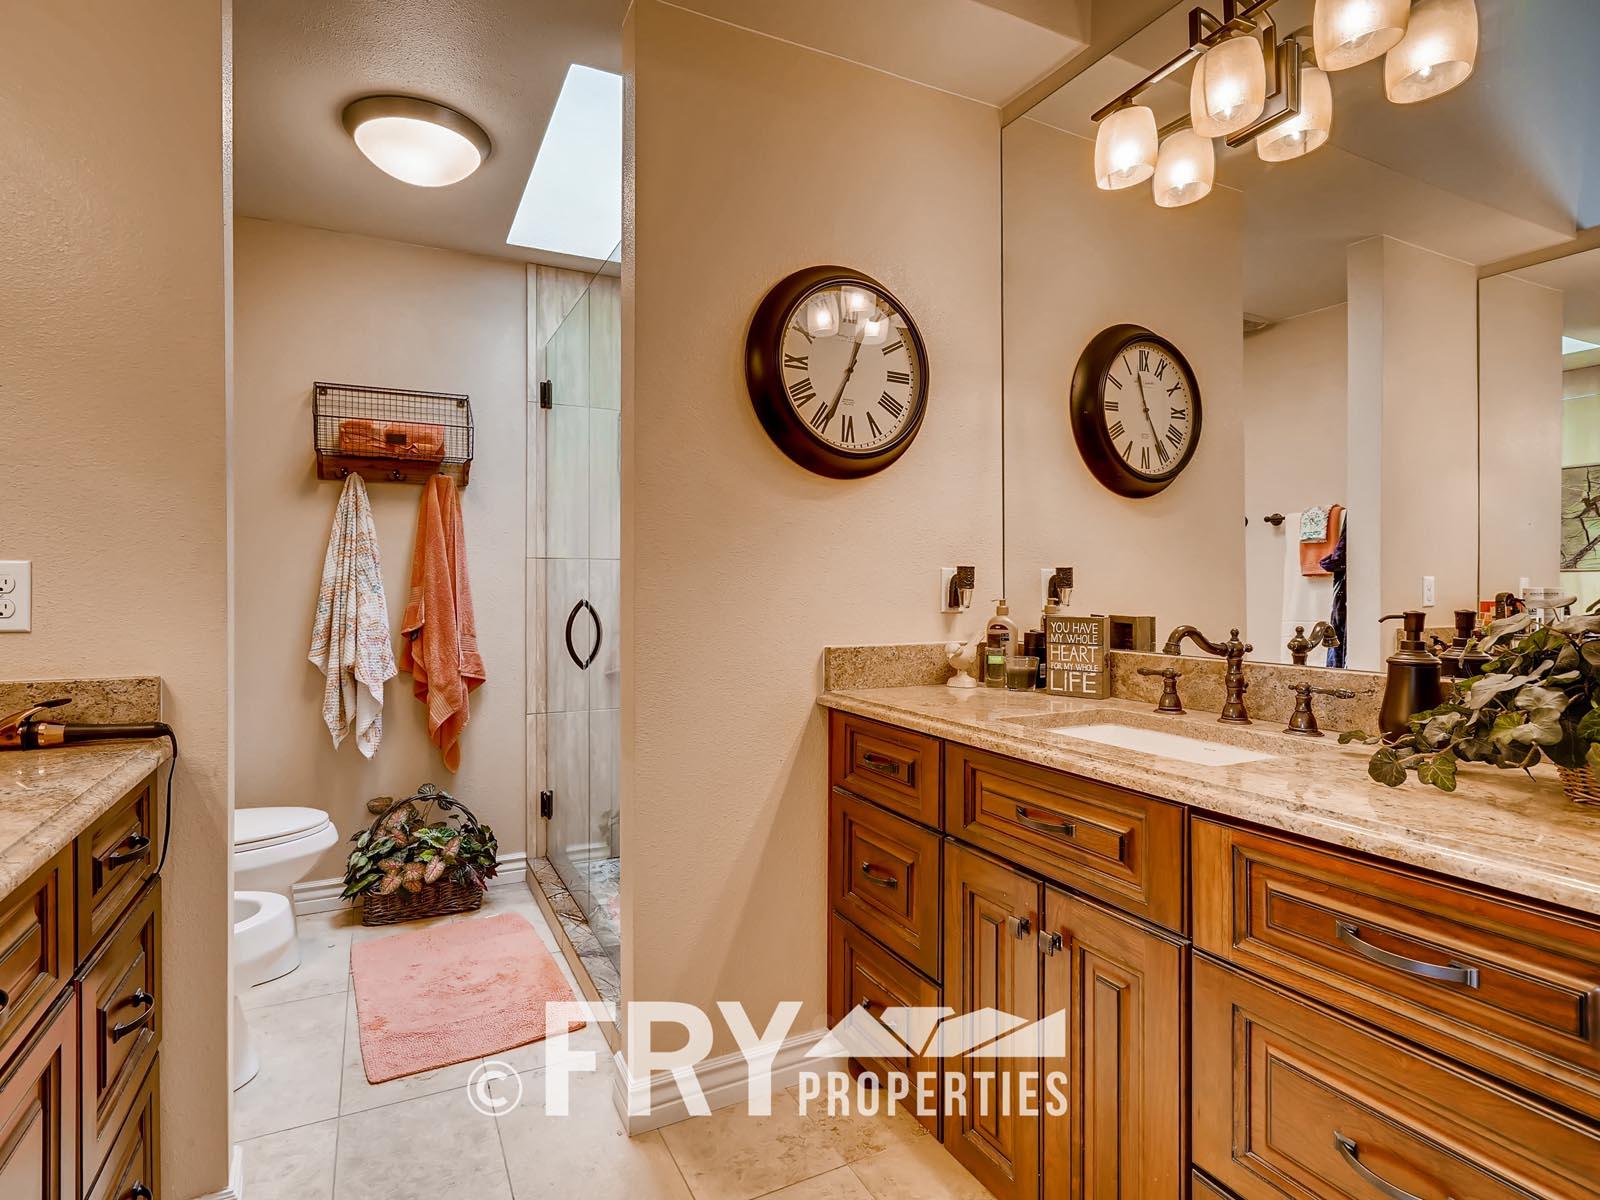 6305 W 6th Ave Unit A6-print-016-16-Master Bathroom-3600x2398-300dpi